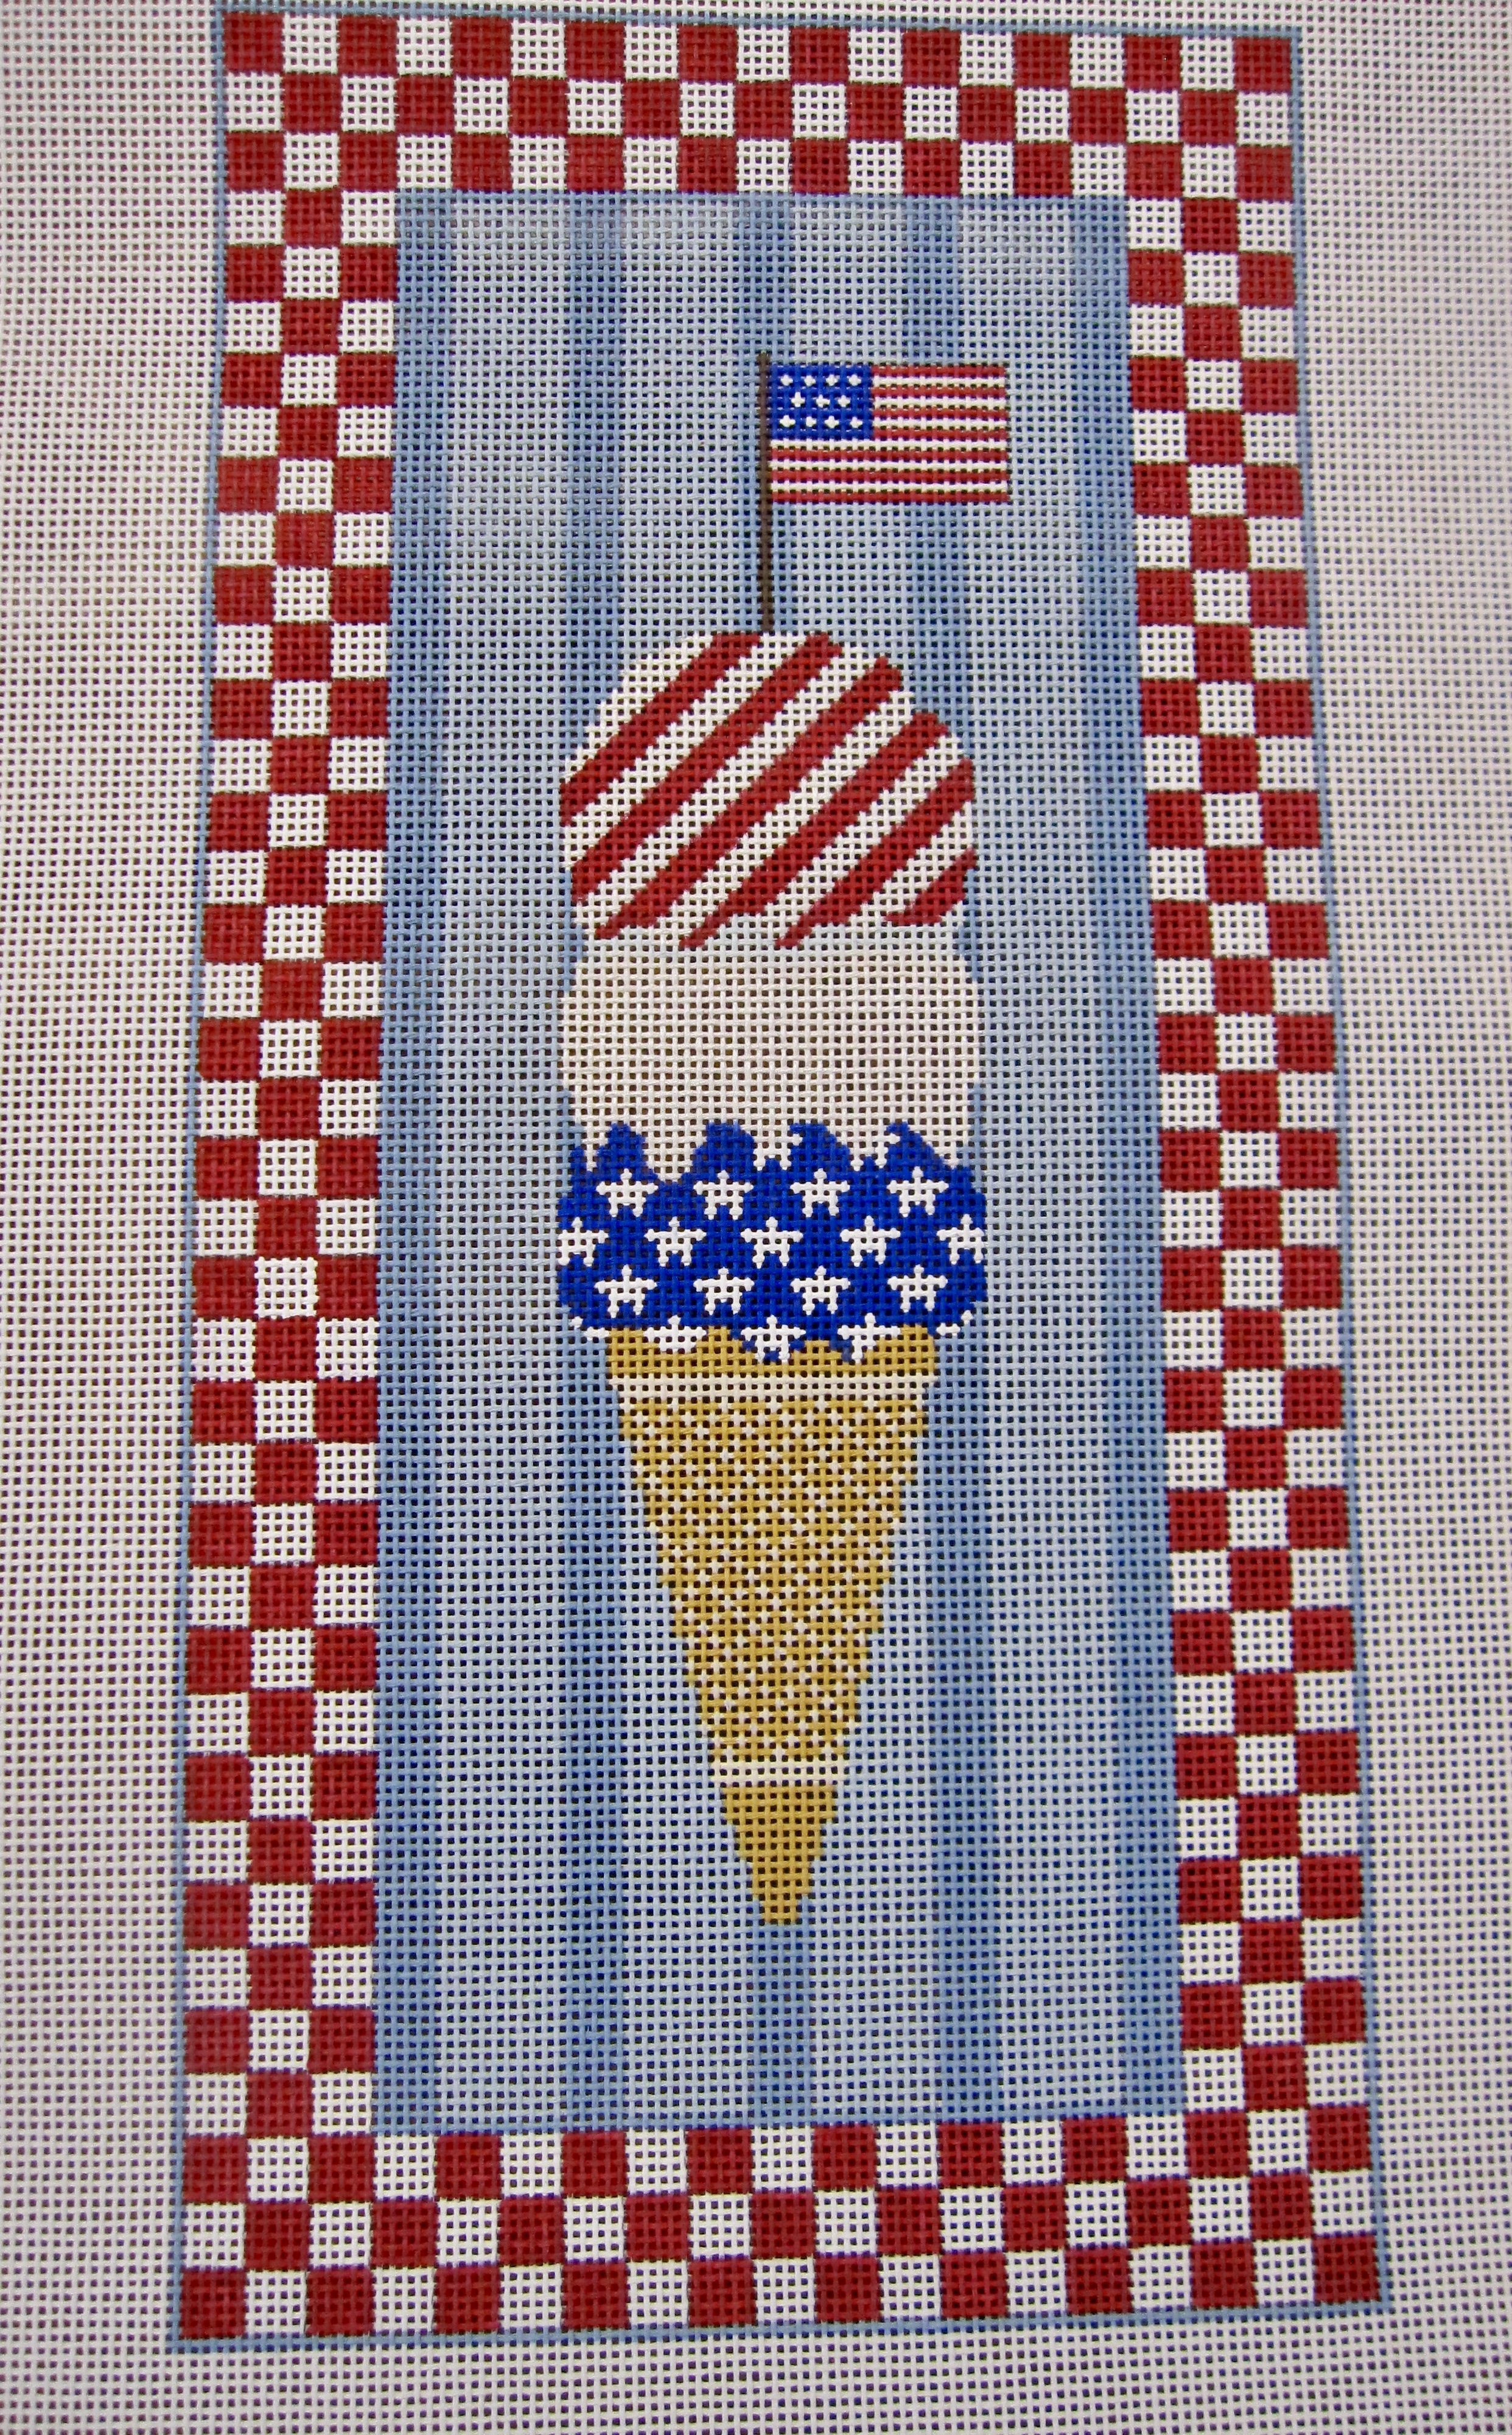 4Th of July Ice Cream Cone